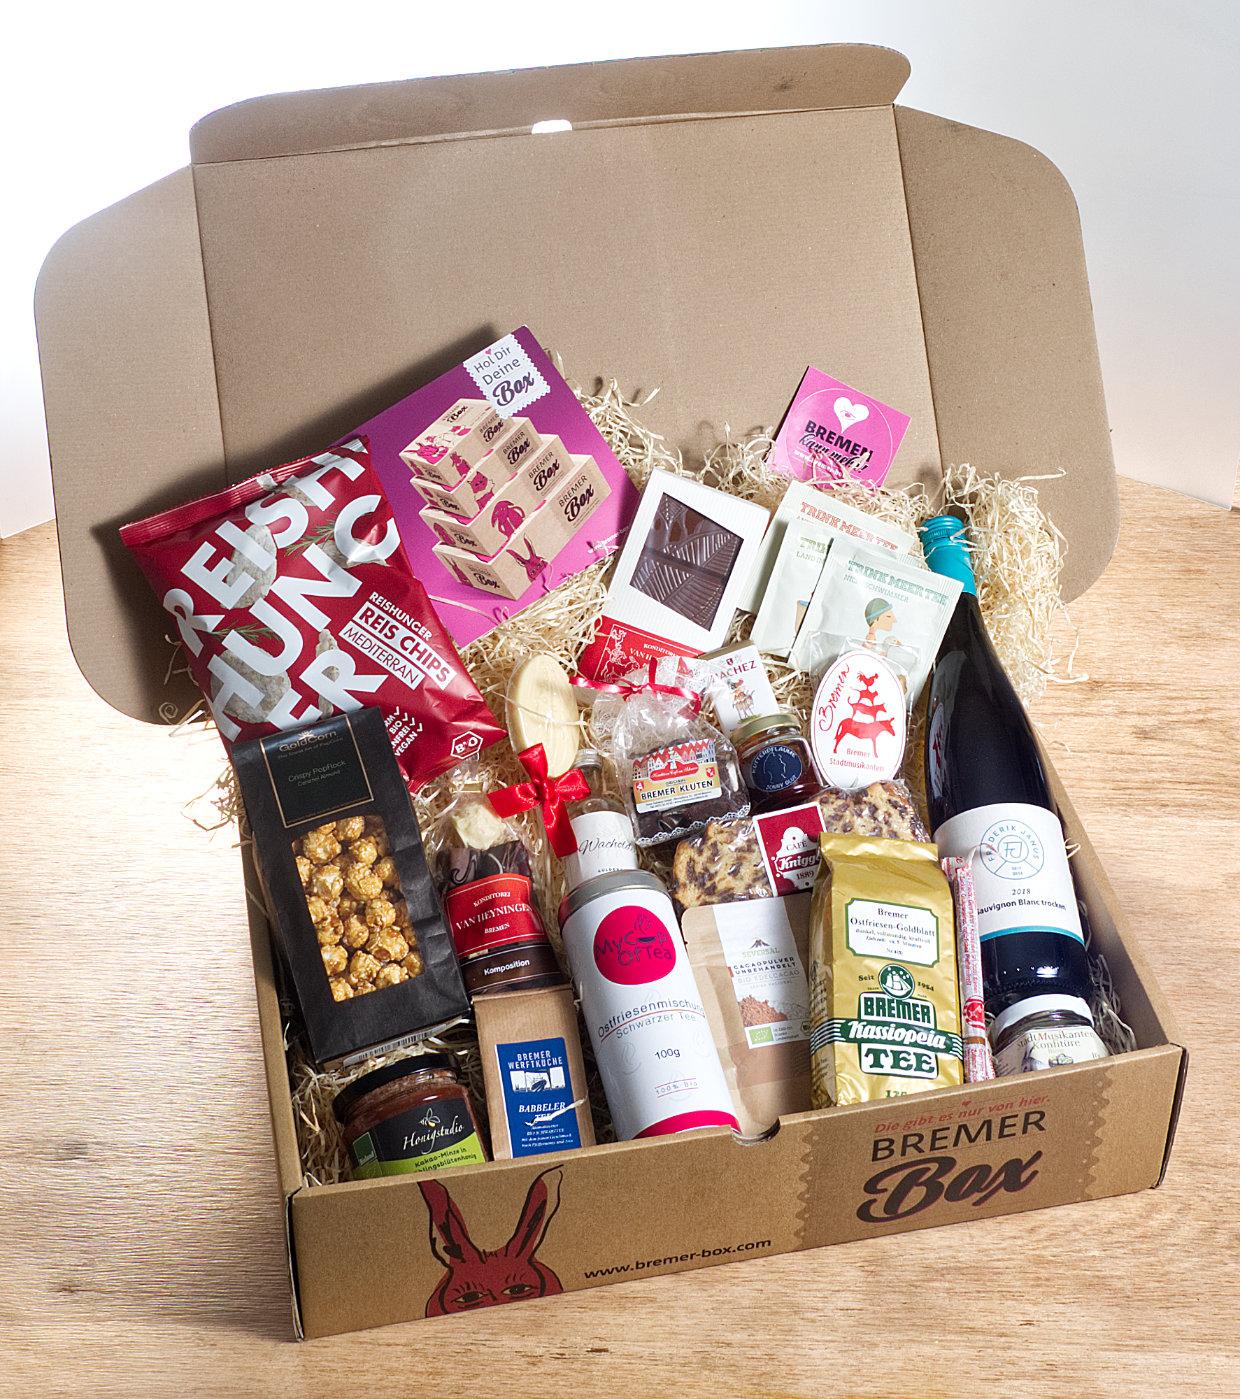 bremer-box-bremen-geschenke-pic1